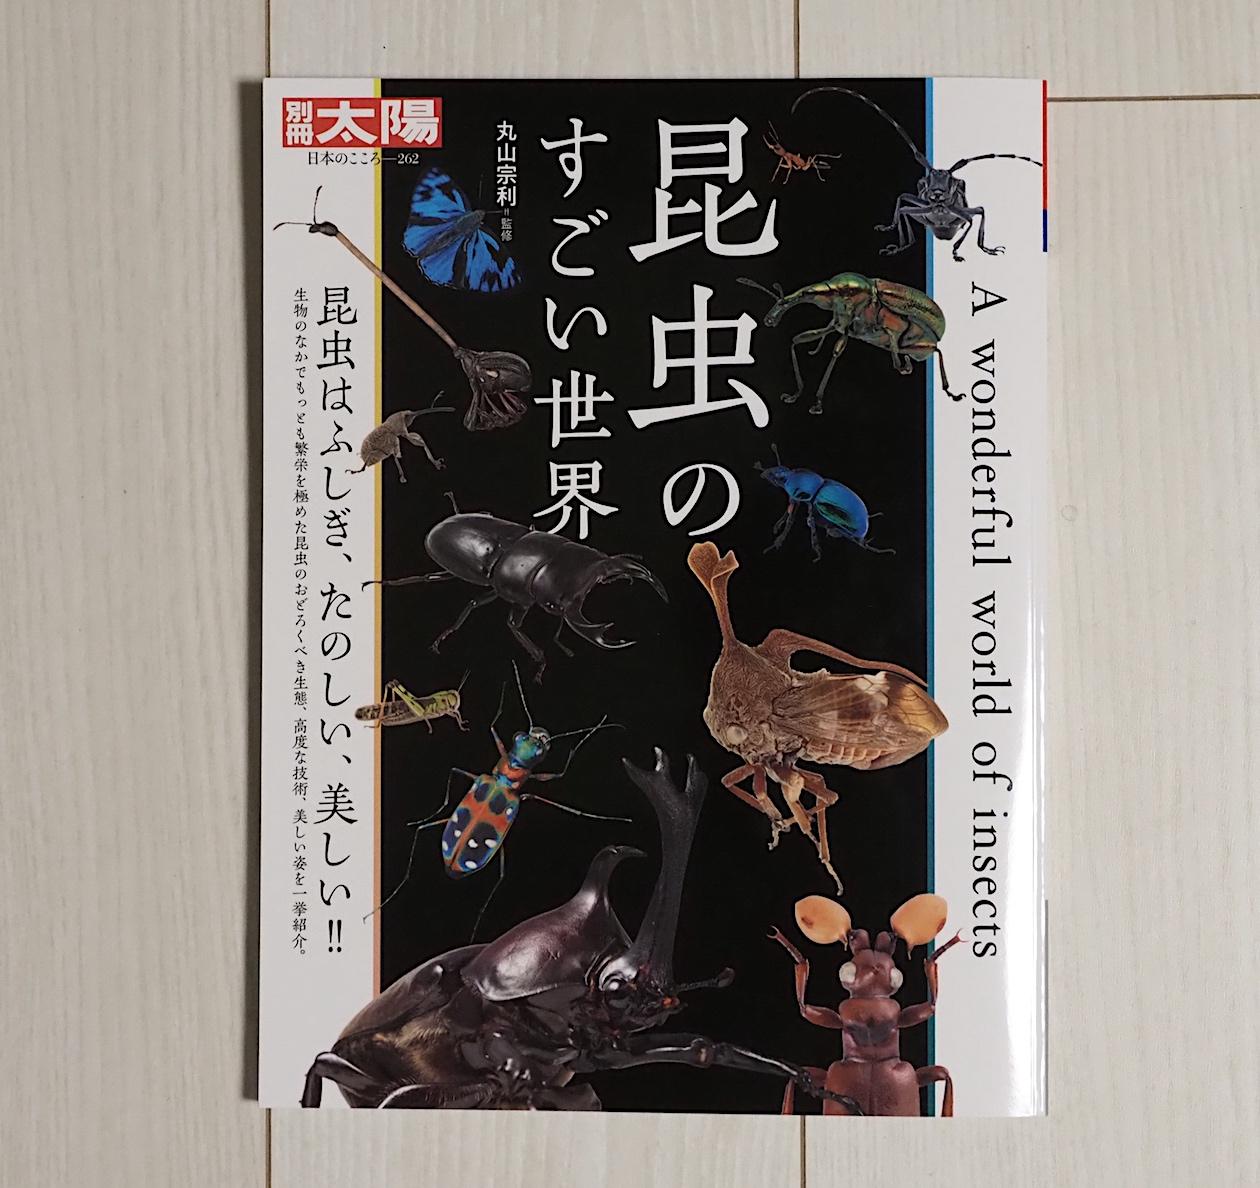 最近買った虫の本9(2018年8月15日)_d0303129_1623083.jpg